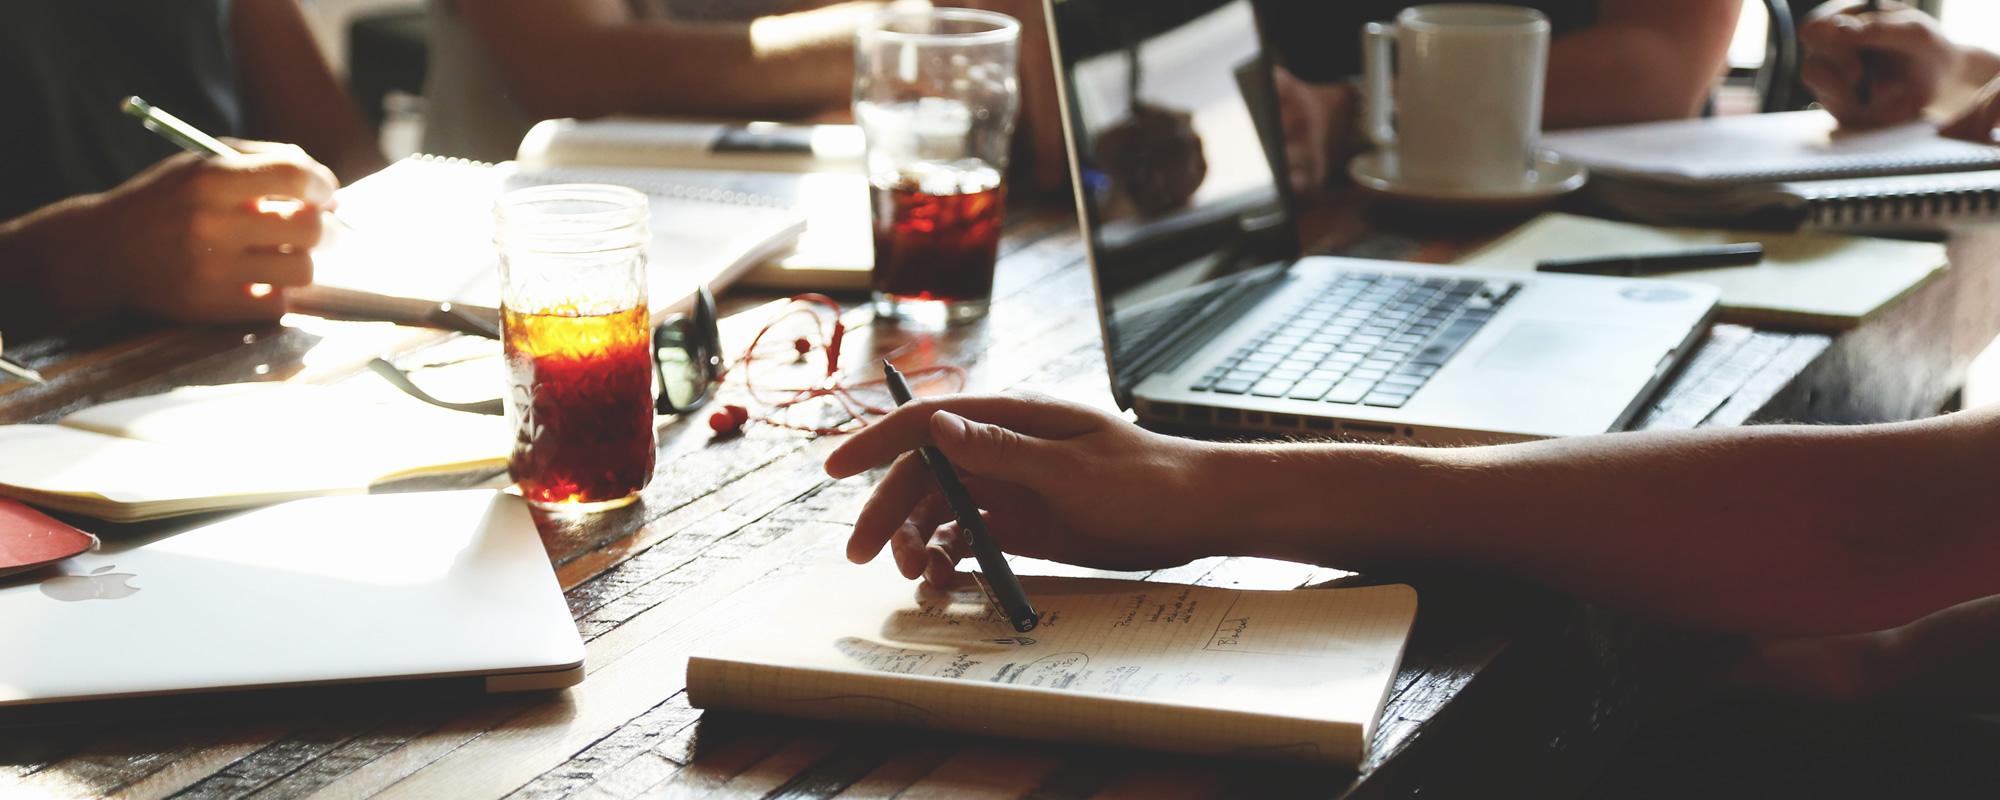 طراحی سایت حرفه ای و تأثیر آن در بازاریابی